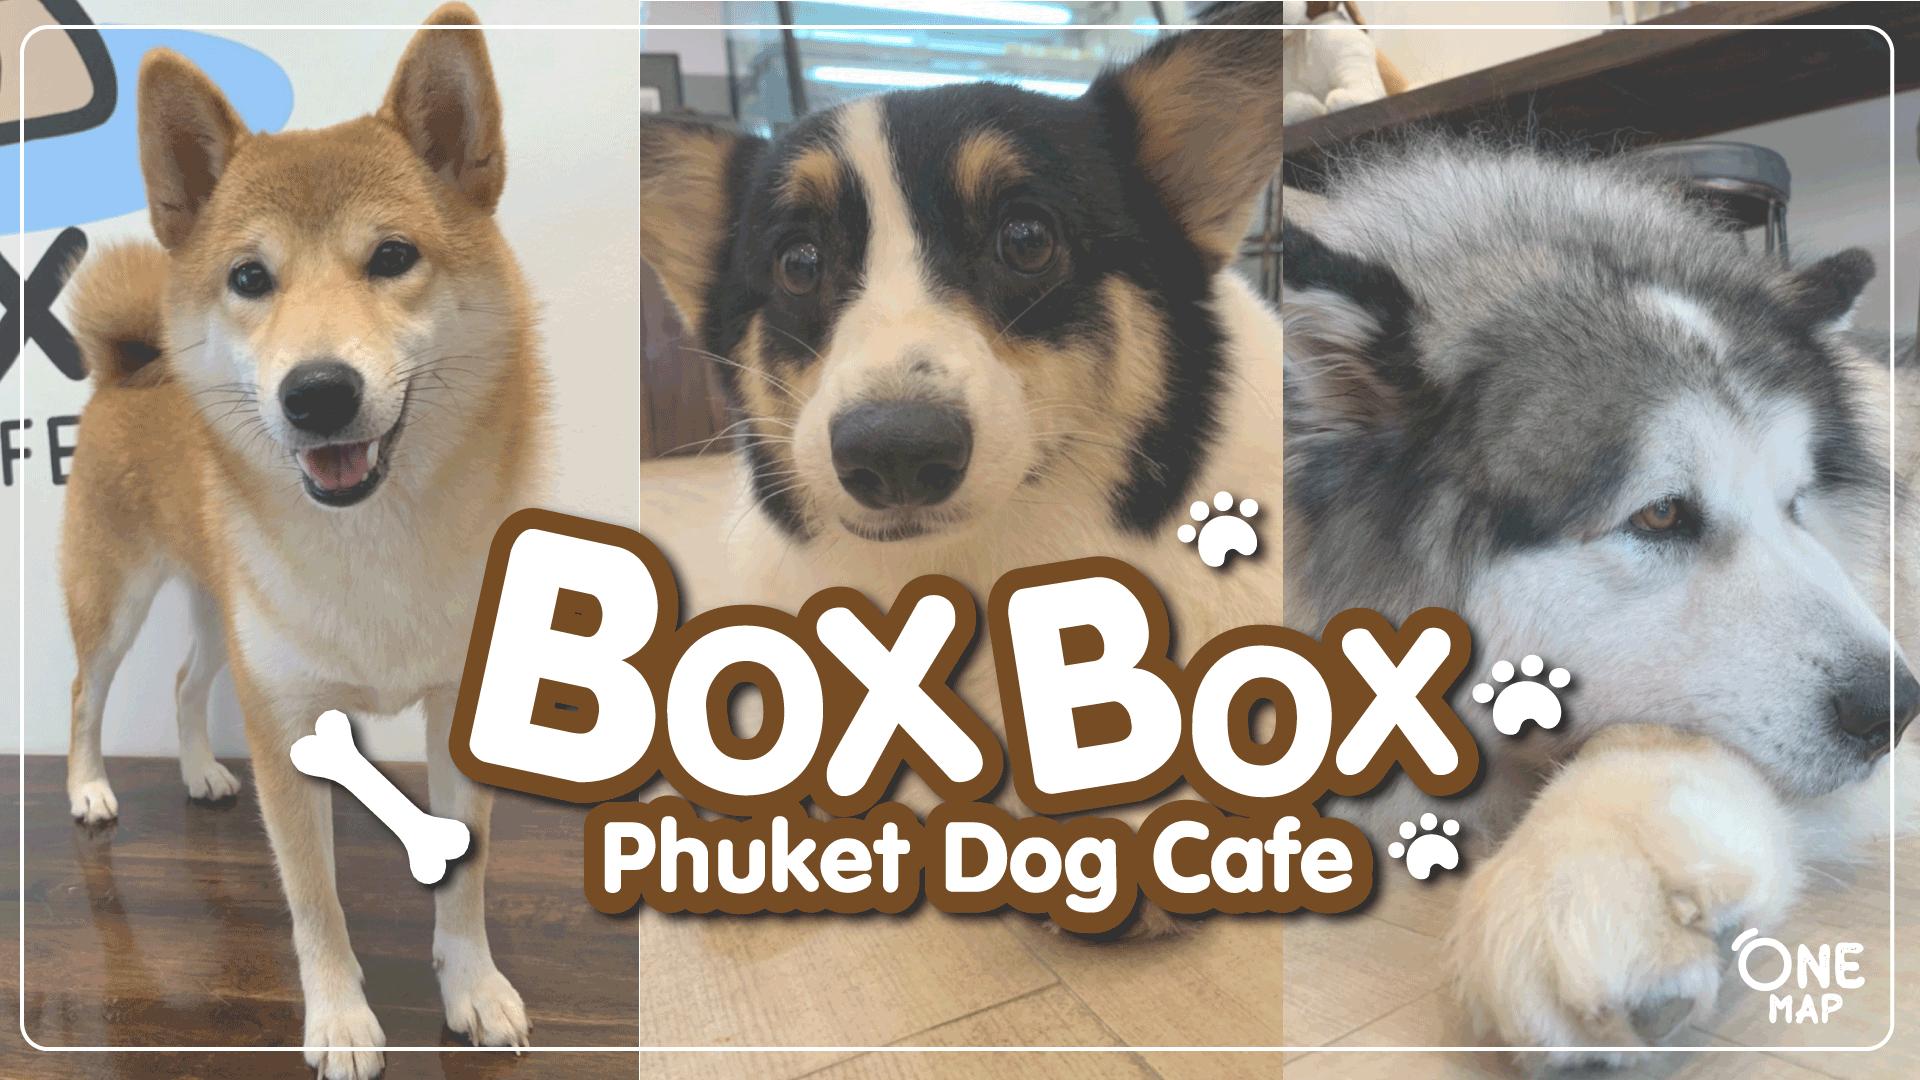 คาเฟ่น้องหมา ใจกลางเมืองภูเก็ต Box box dog cafe ที่มาเอาใจคนรักสัตว์เลี้ยง